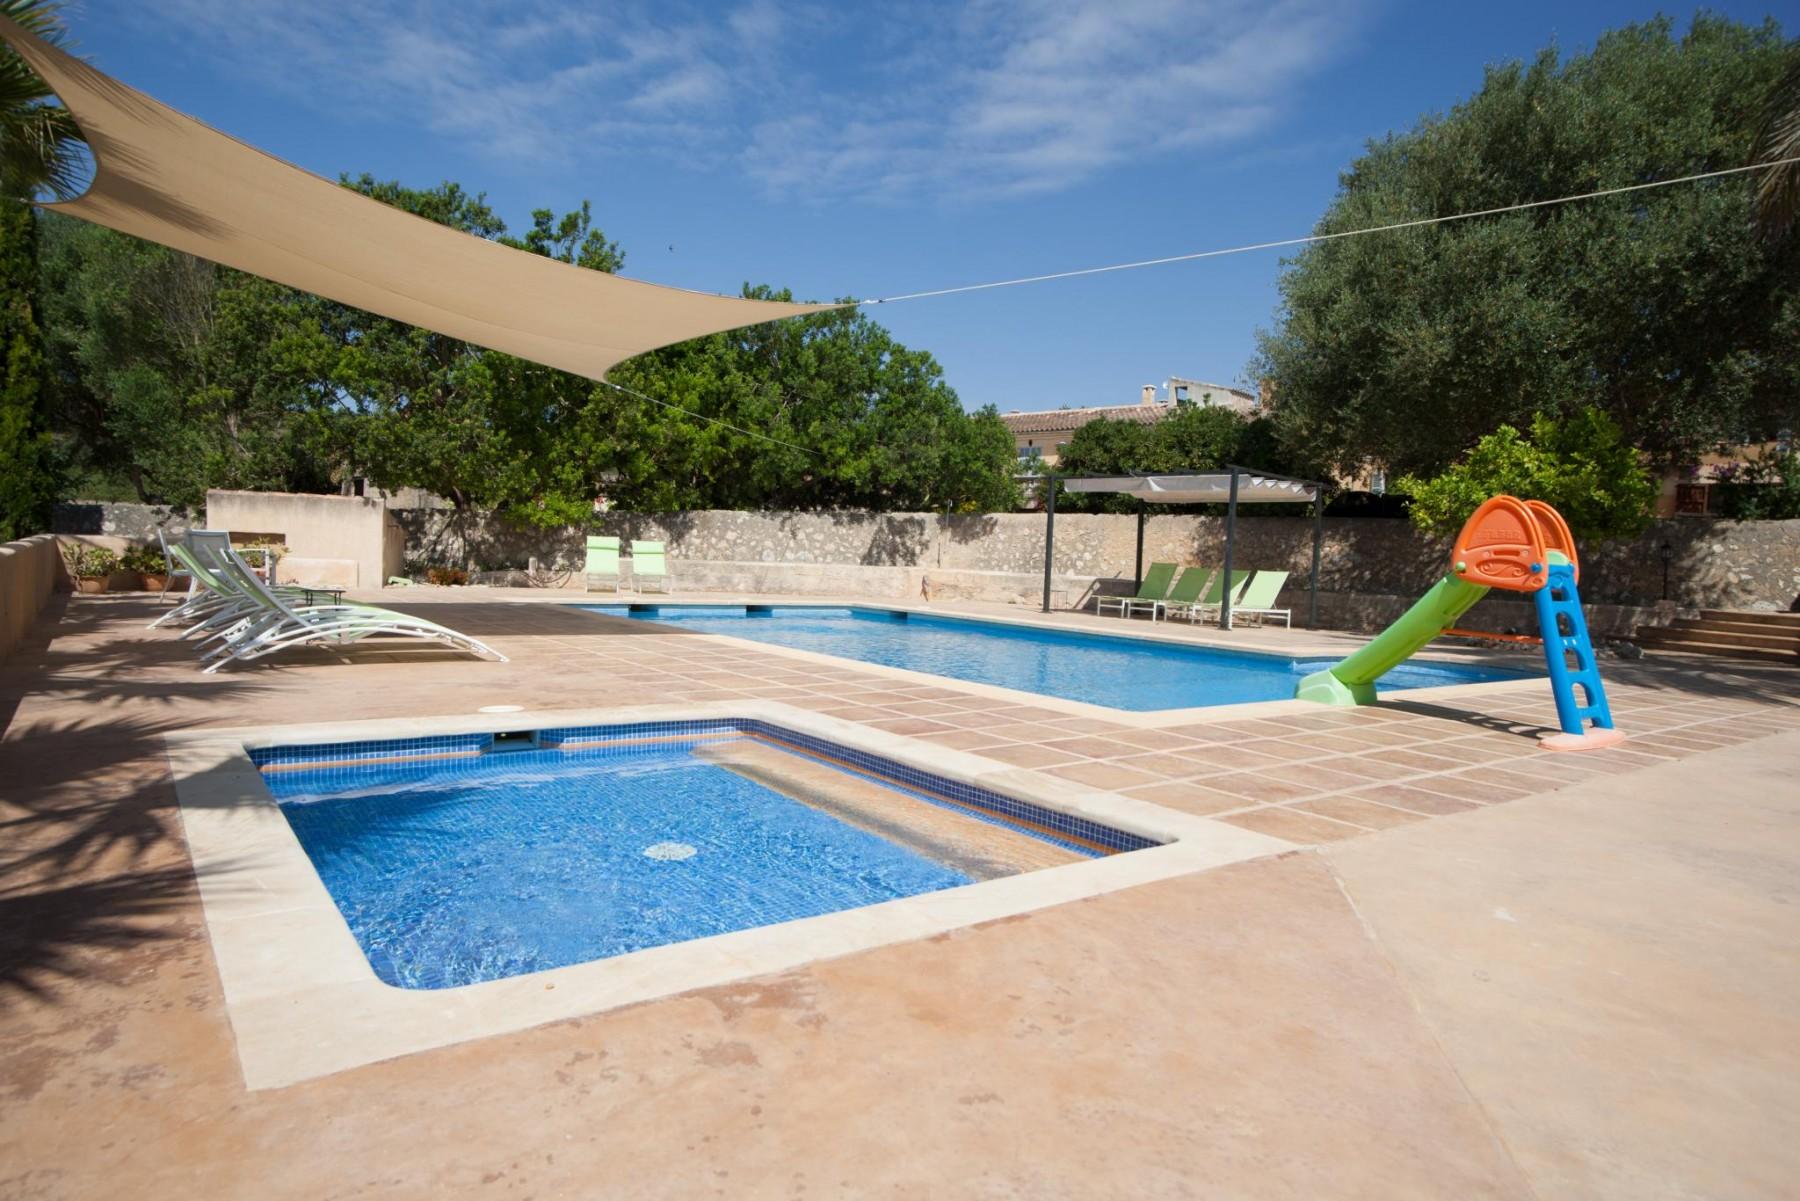 SA POSADA GRAN for 6 guests in Manacor, Spain